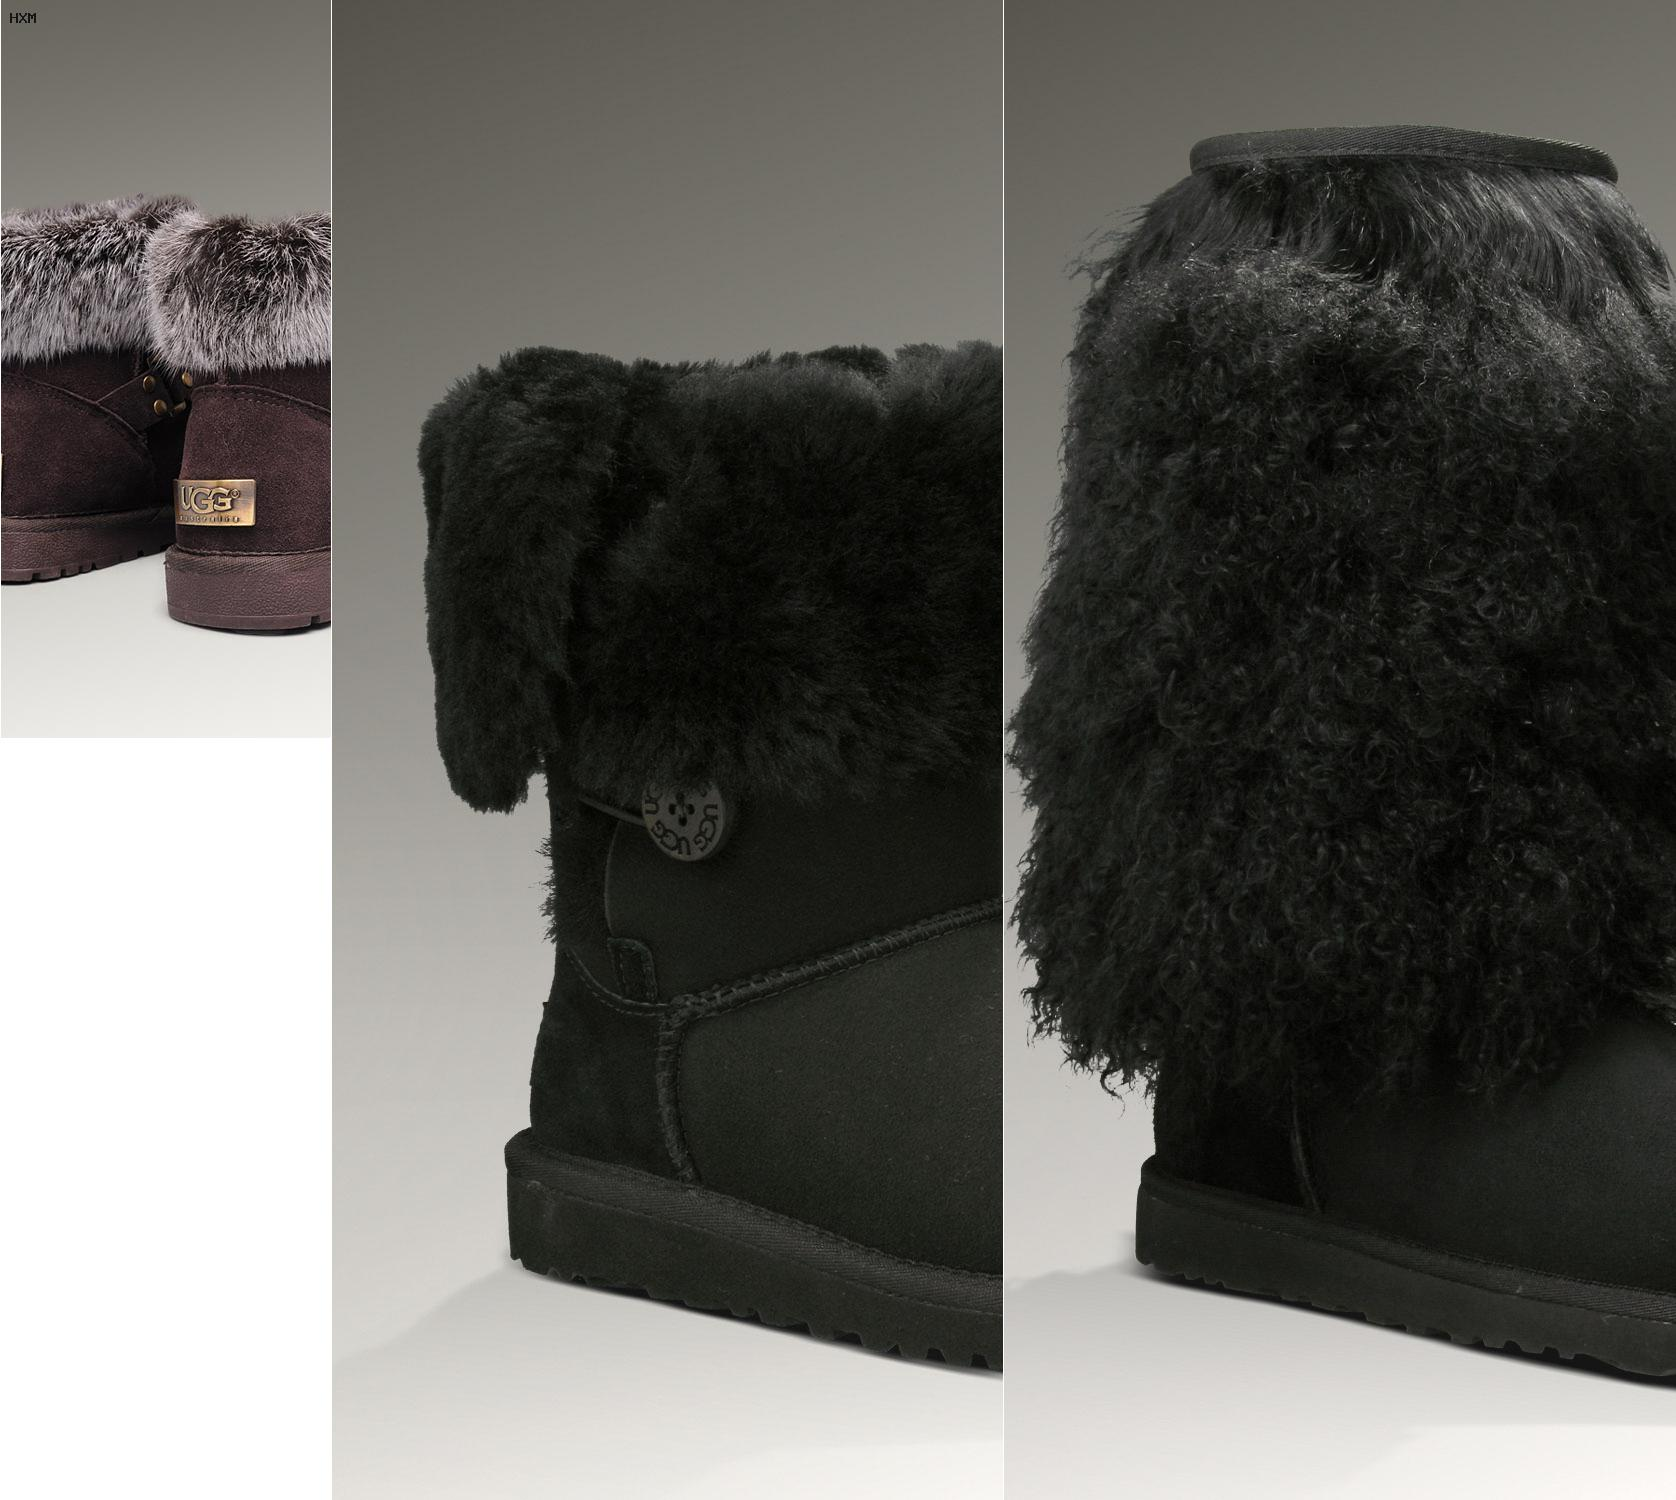 gant ugg noir femme